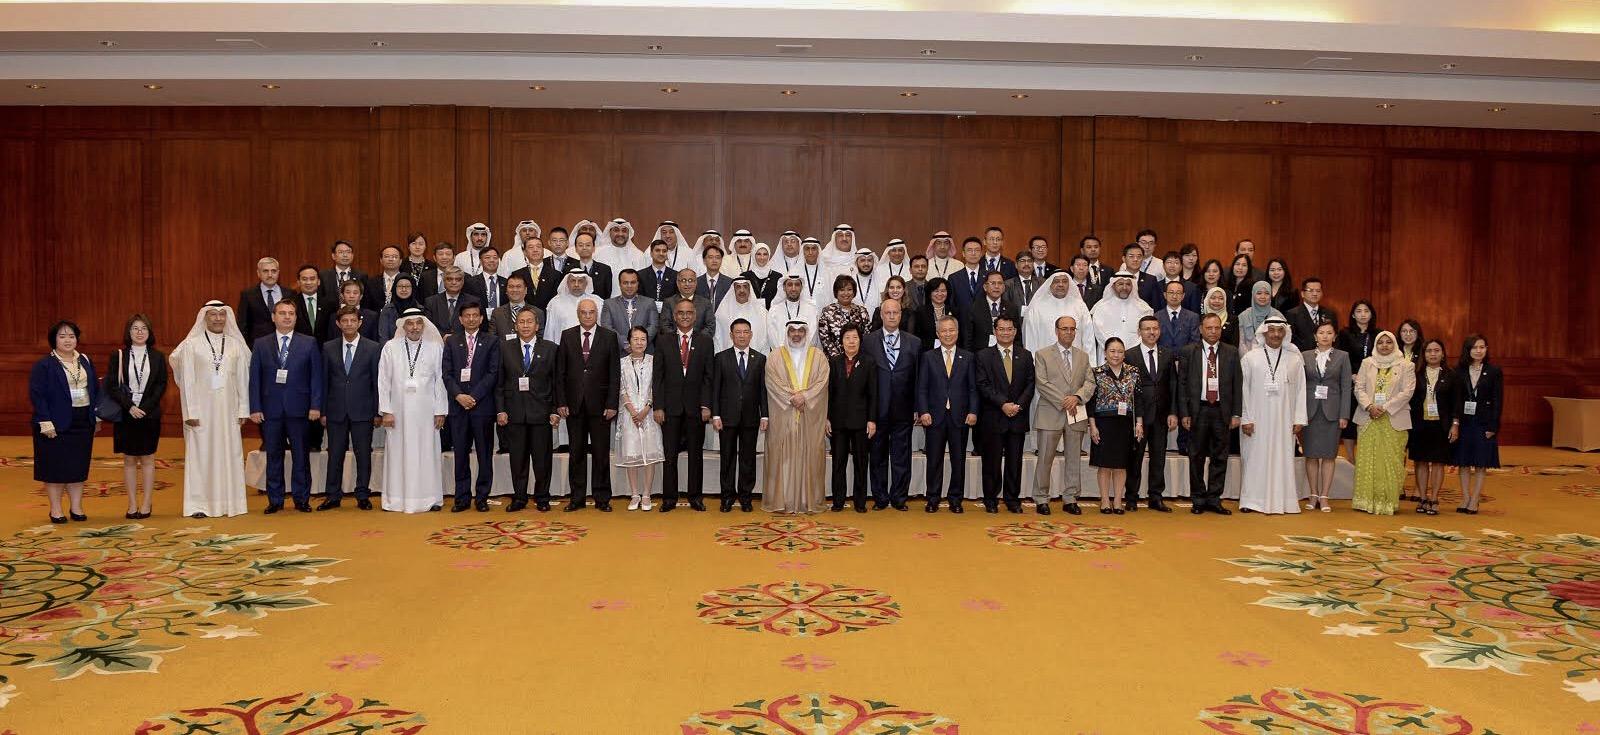 KUNA : ASOSAI meeting in Kuwait to discuss strategies - SAB acting